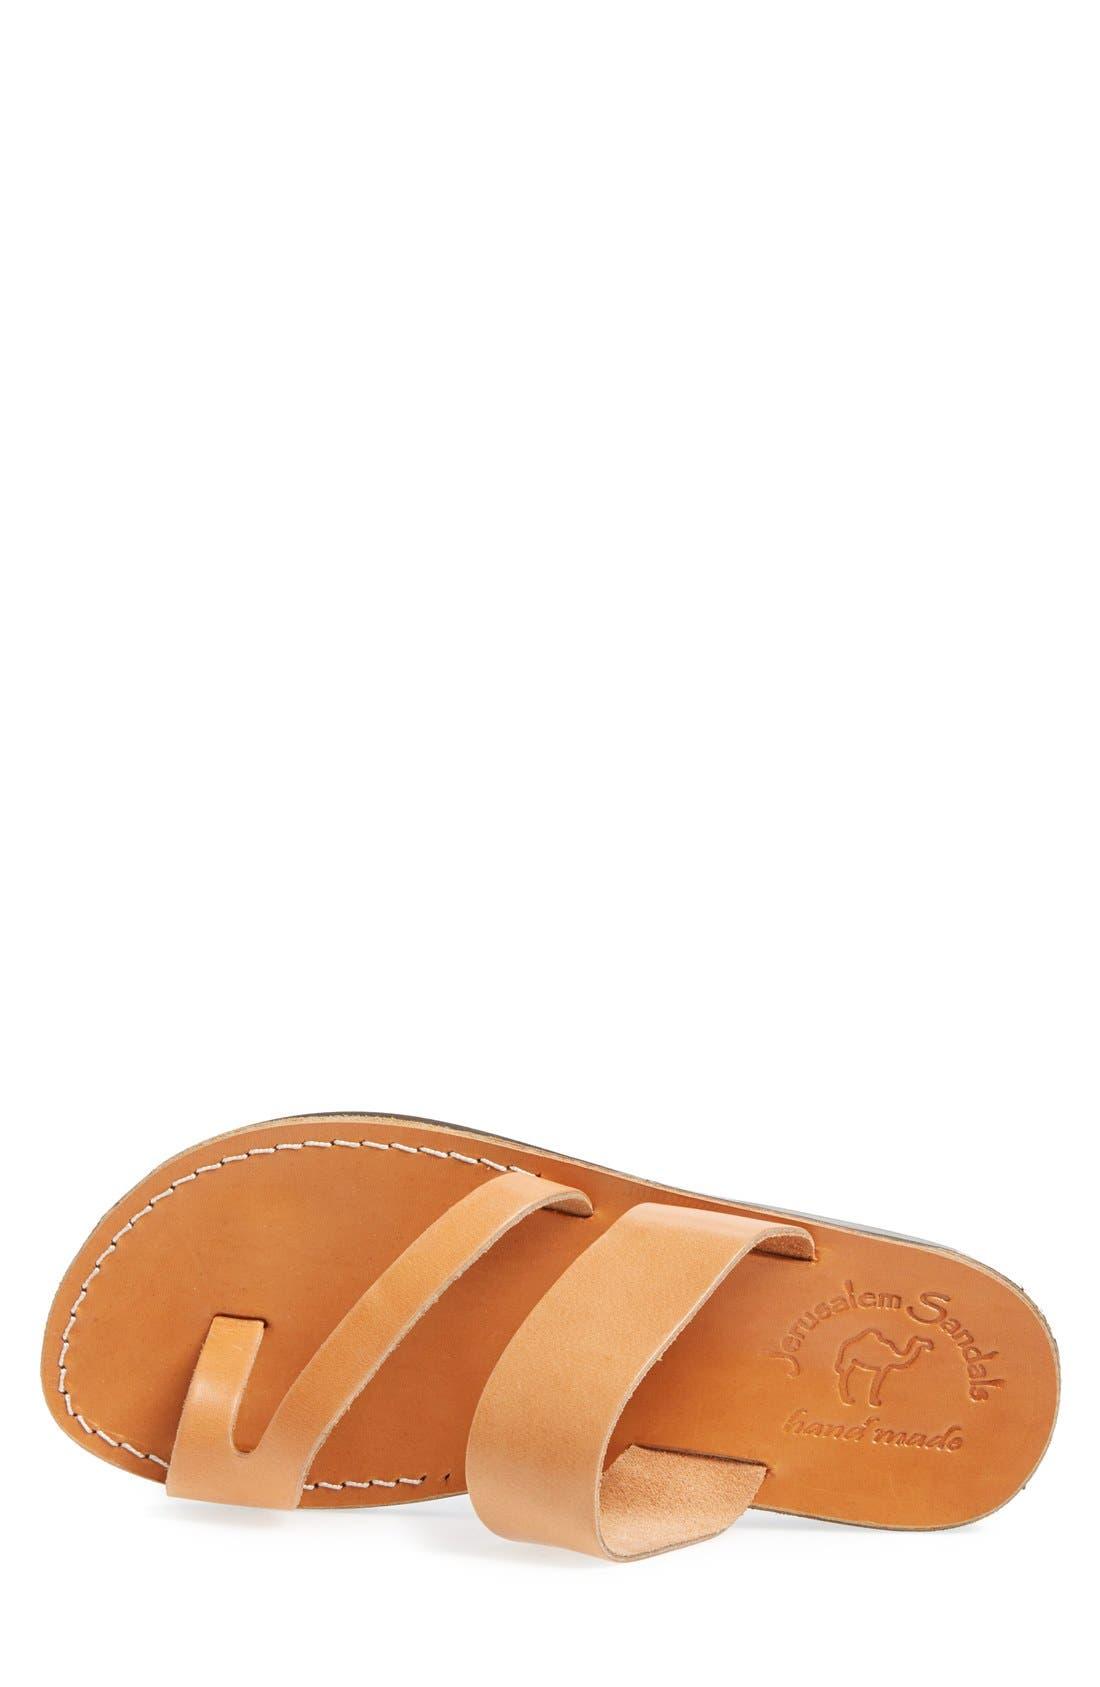 'Zohar' Leather Sandal,                             Alternate thumbnail 3, color,                             Tan